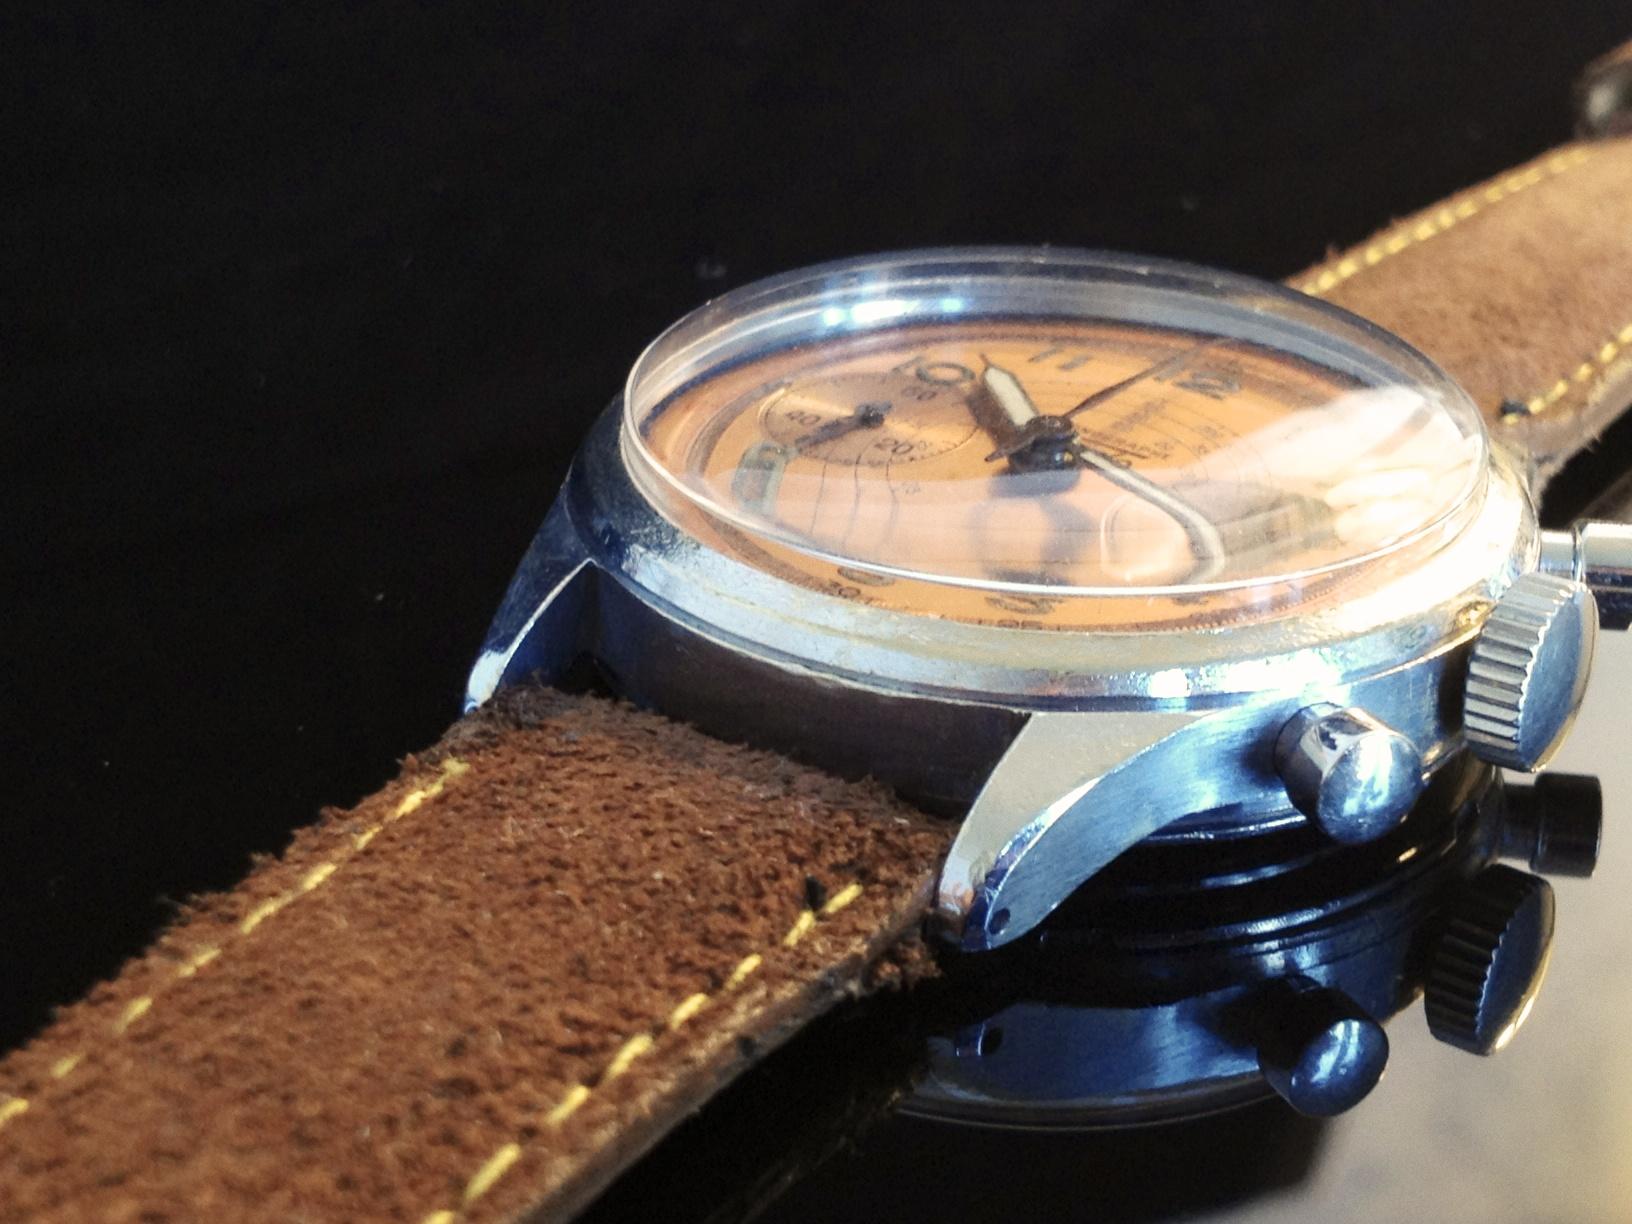 Fludo Venus Chronograph 198